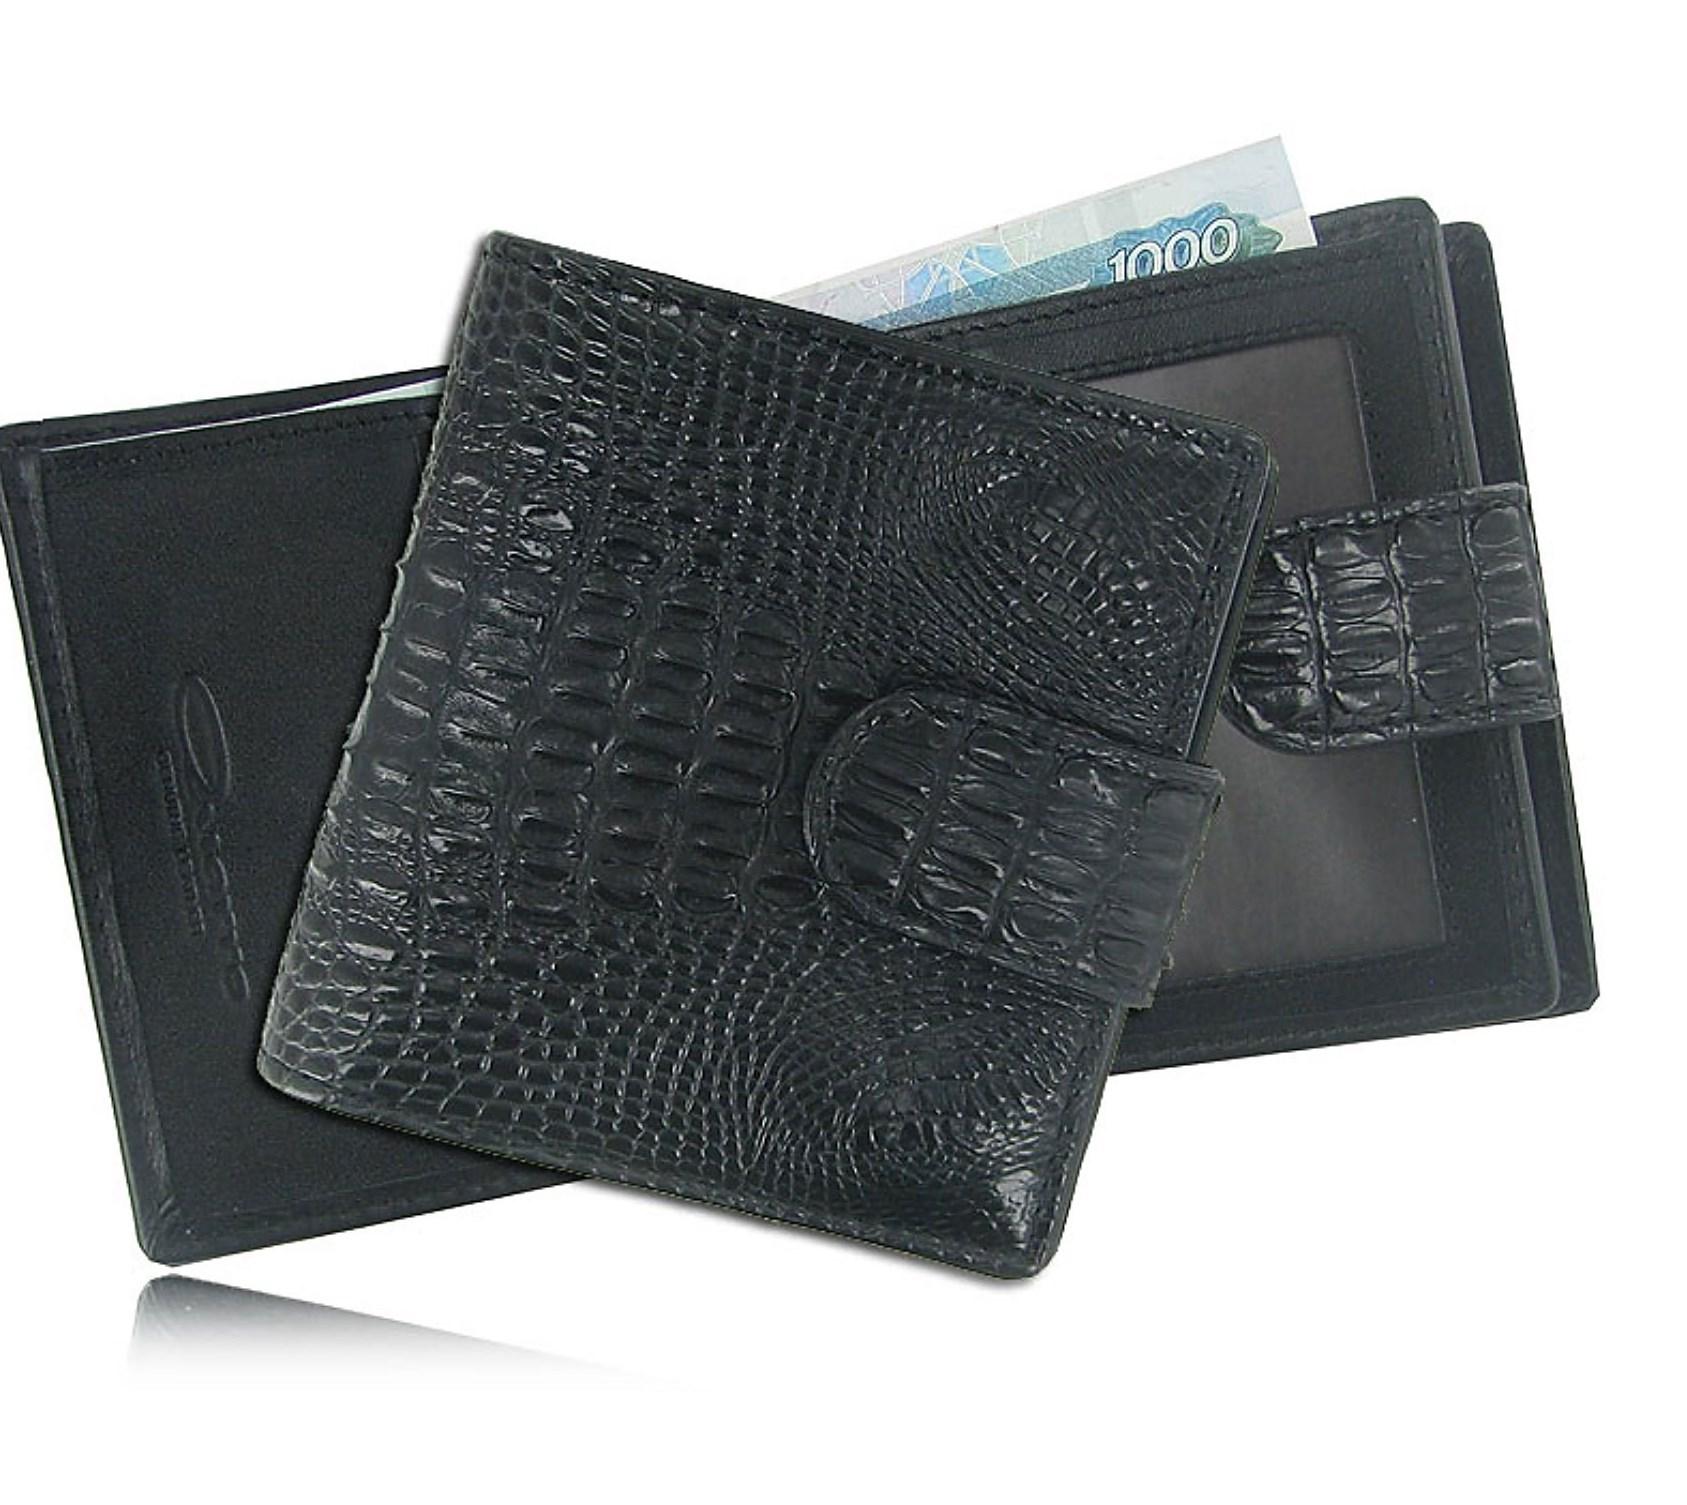 Женский кожаный кошелек из кожи крокодила (цвет - черный)